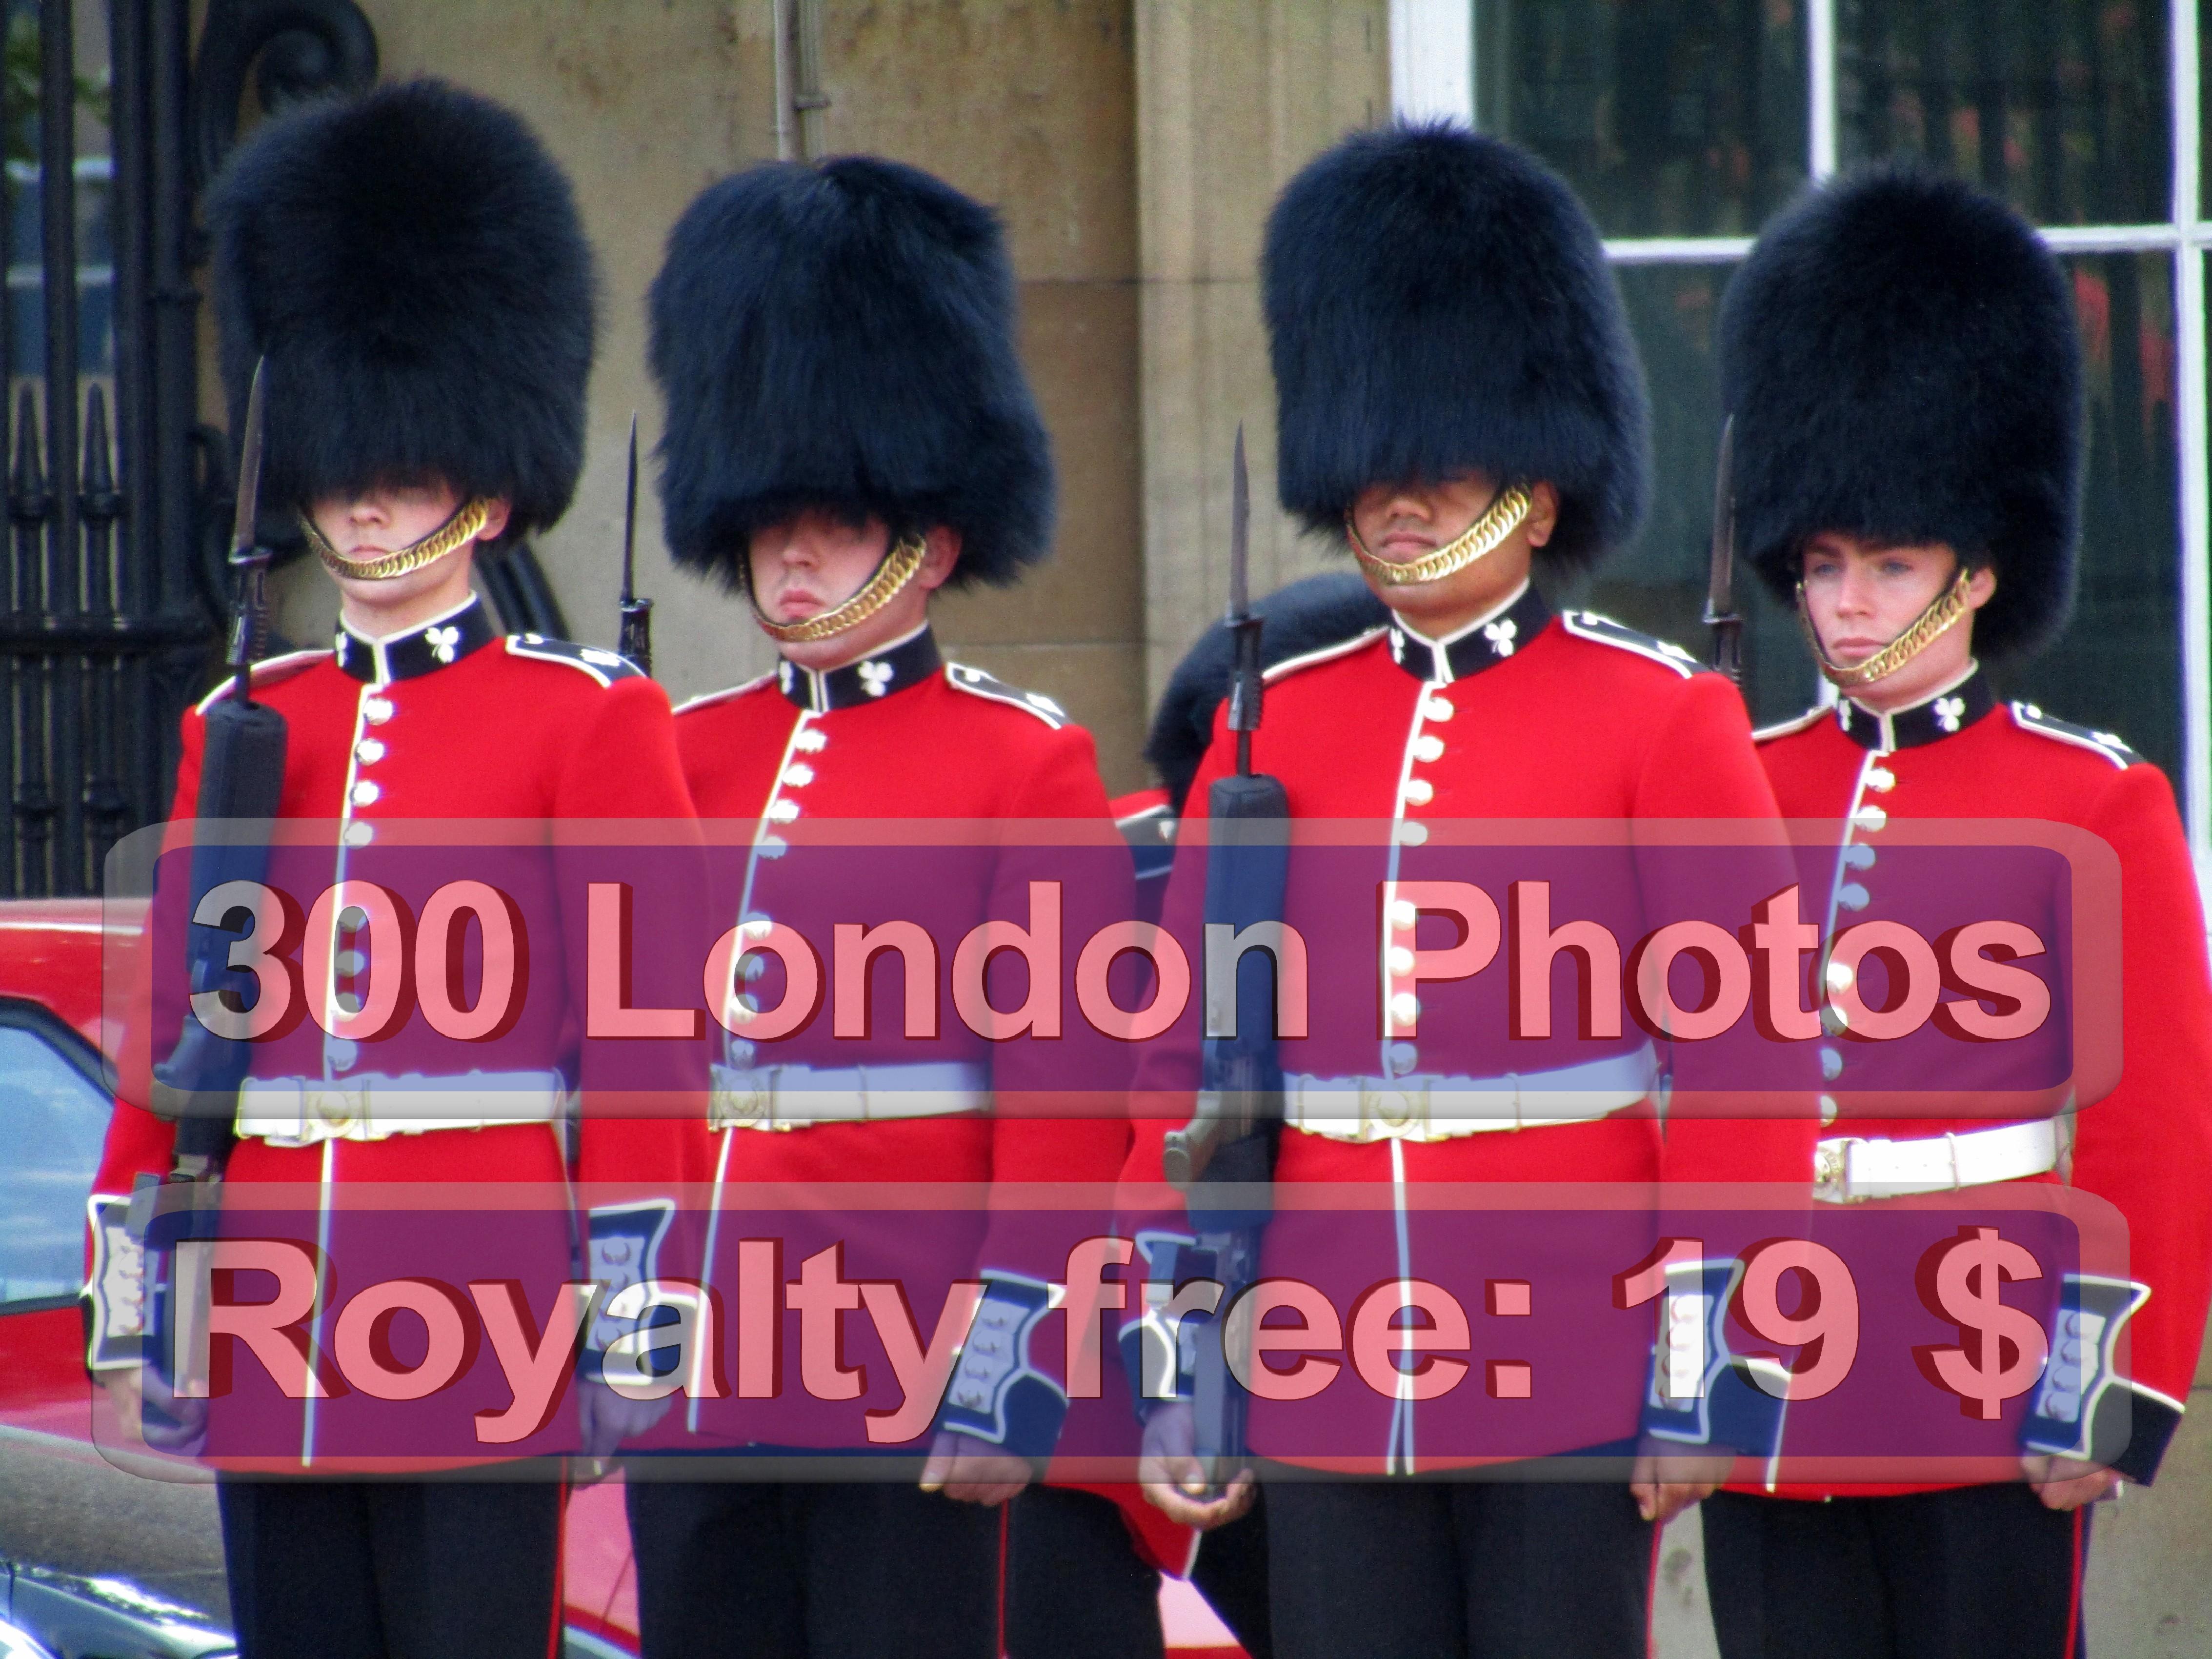 The London Photography Fair